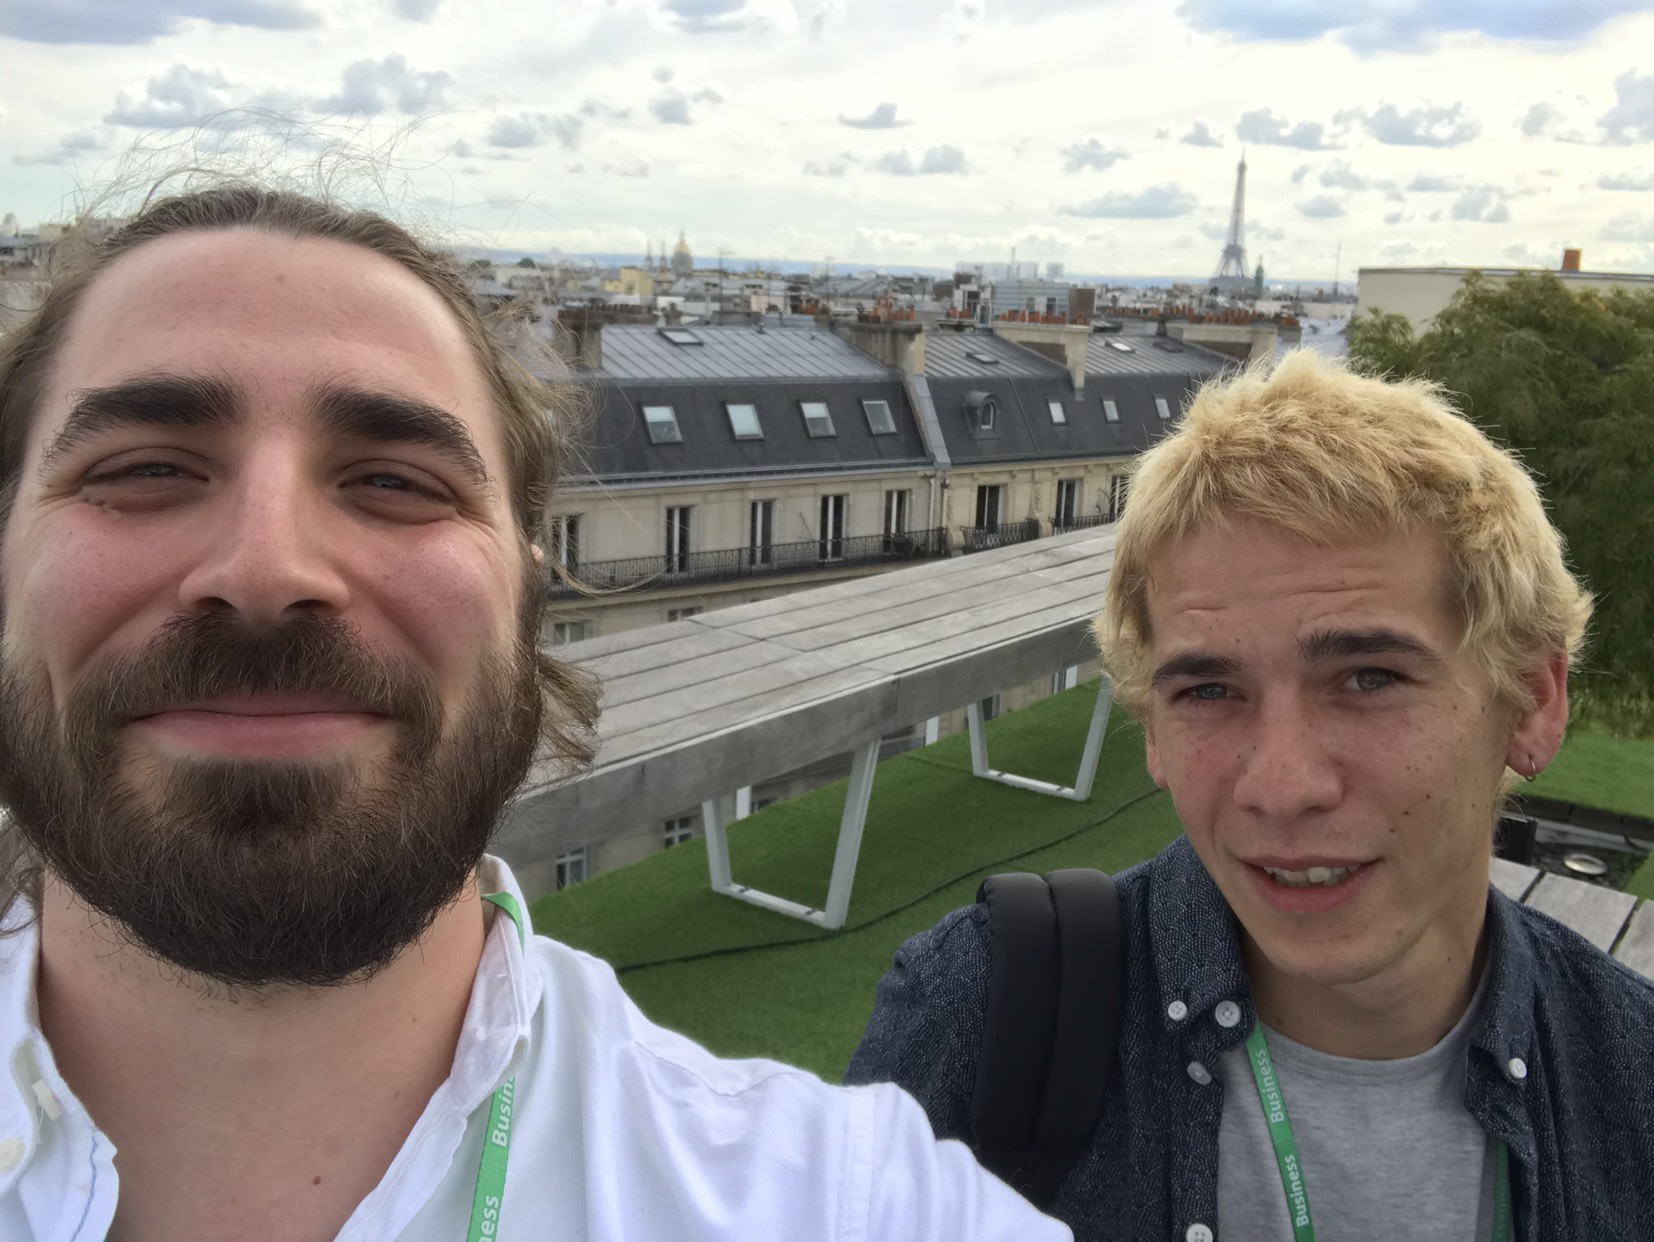 Jean-Patrick et Jean-Julien, experts de notre agence digitale de Rennes